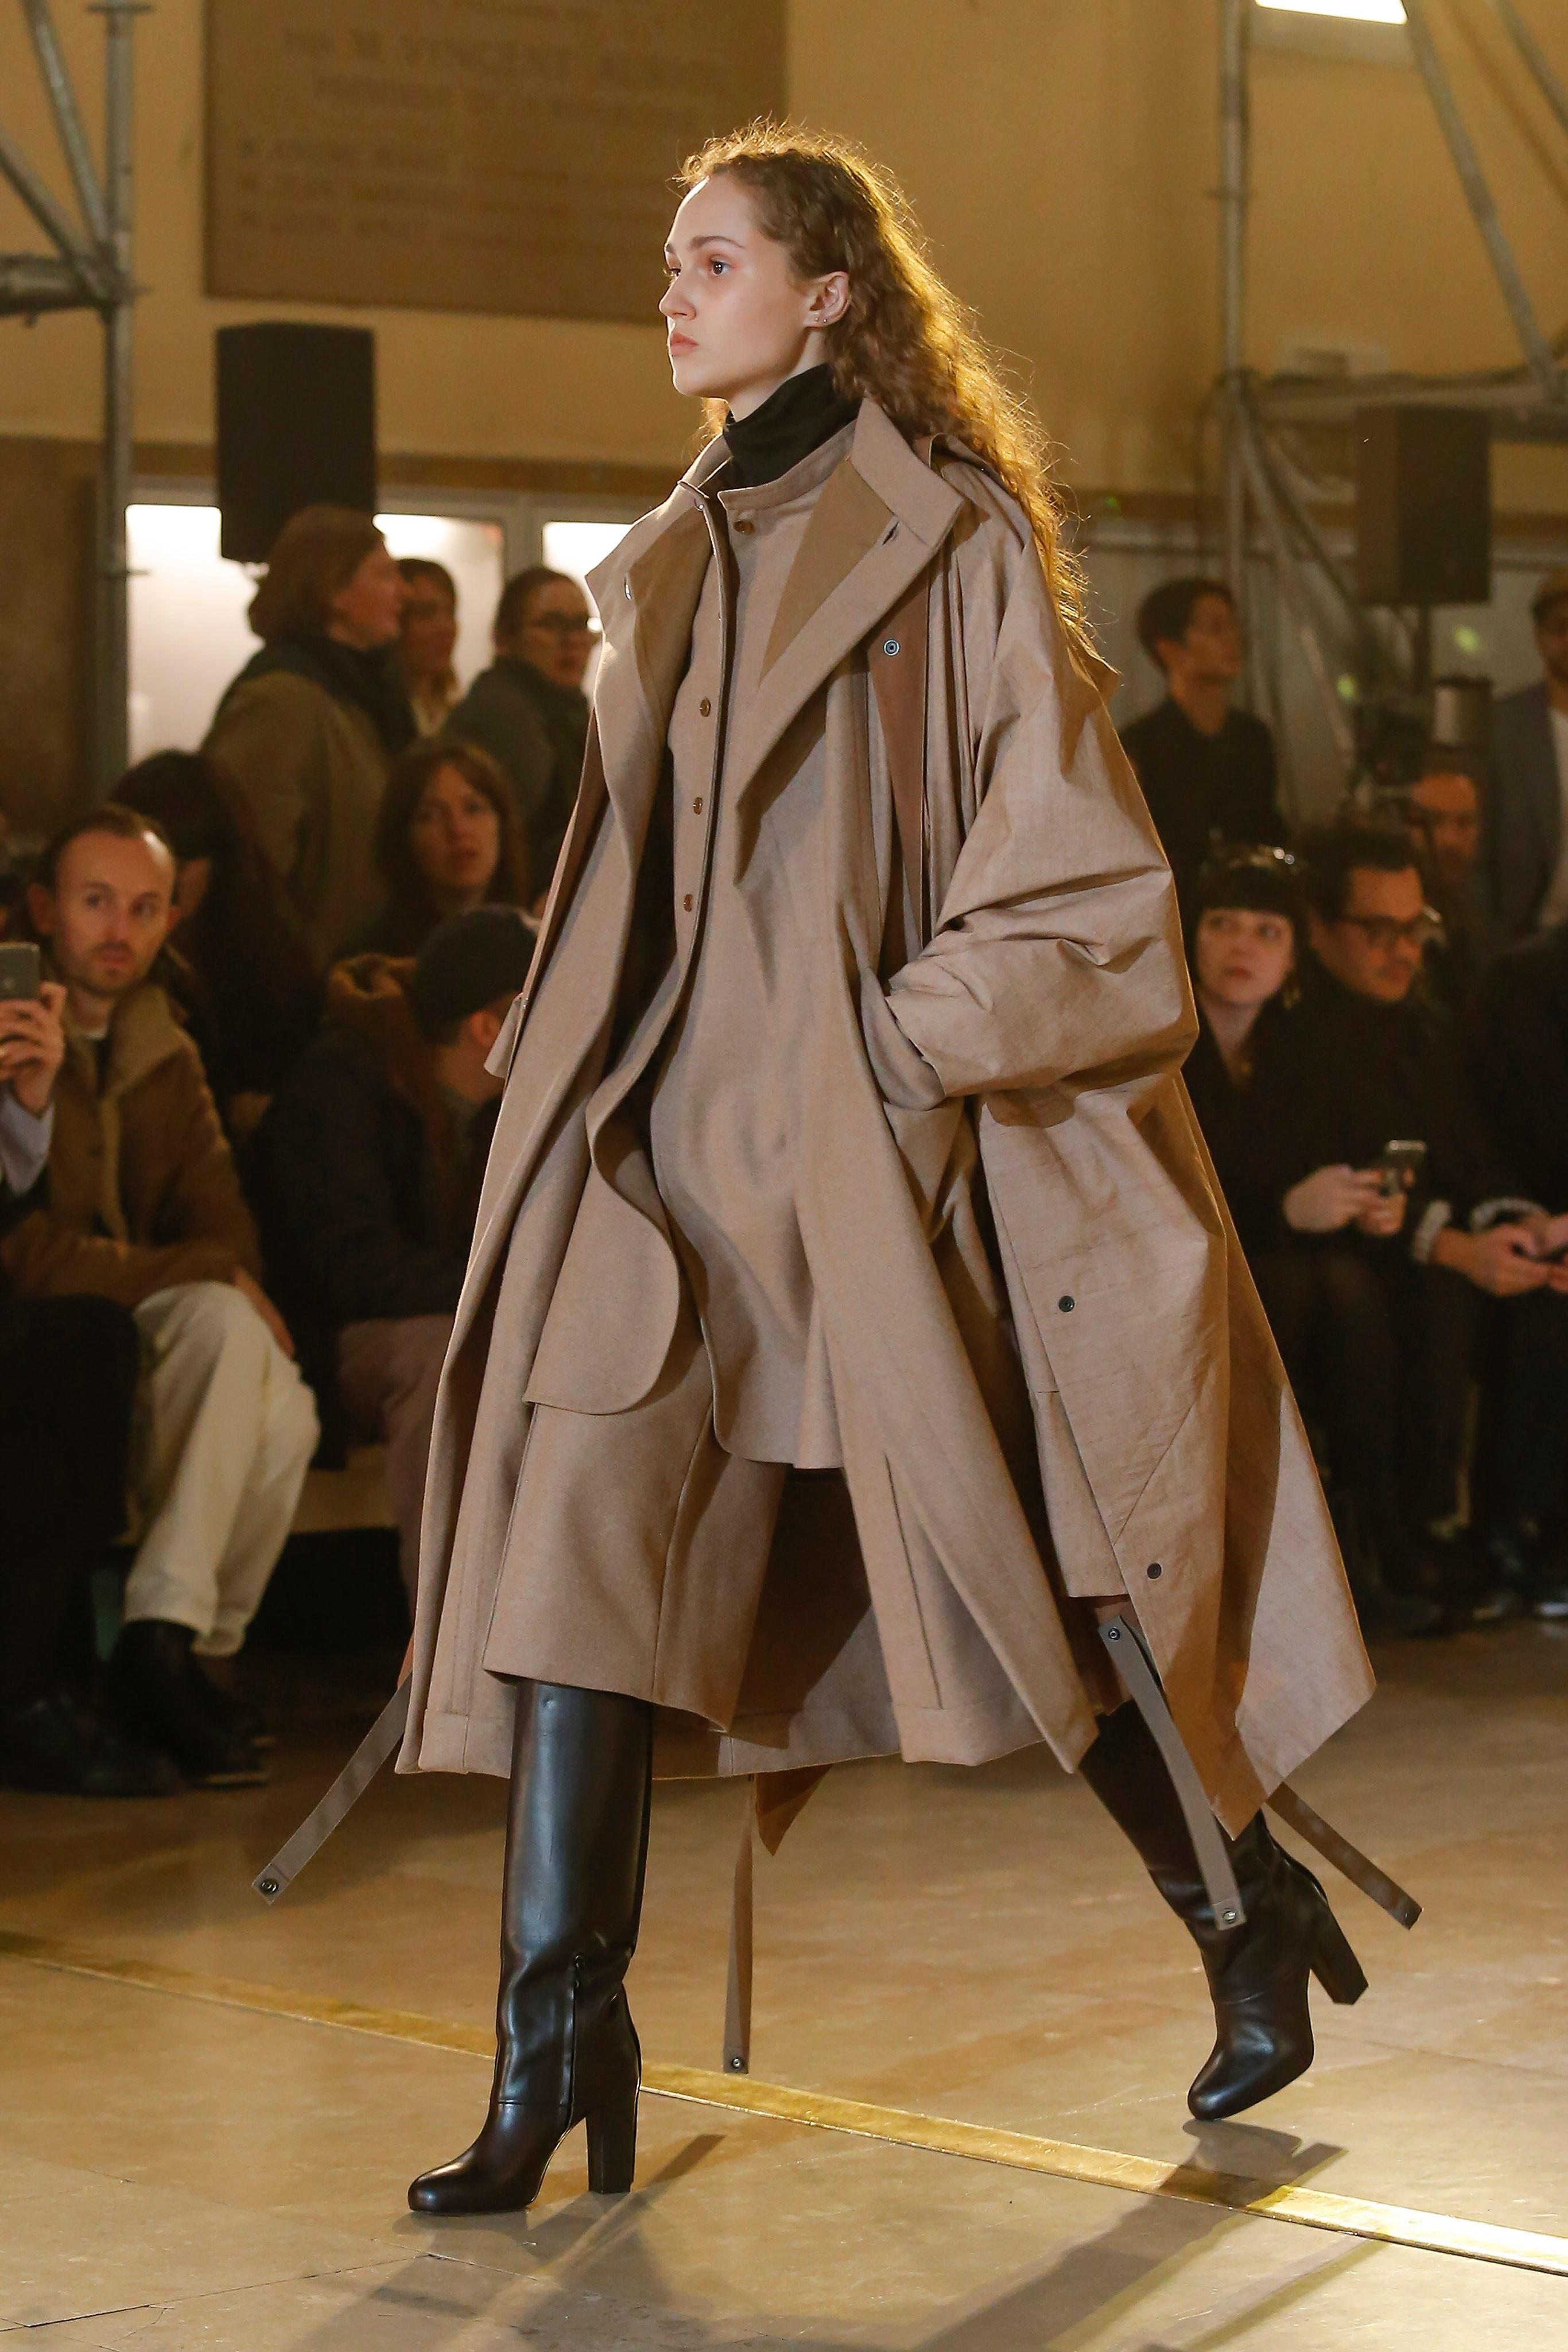 Thời trang nữ quyền của Dior tại Paris Fashion Week - 21